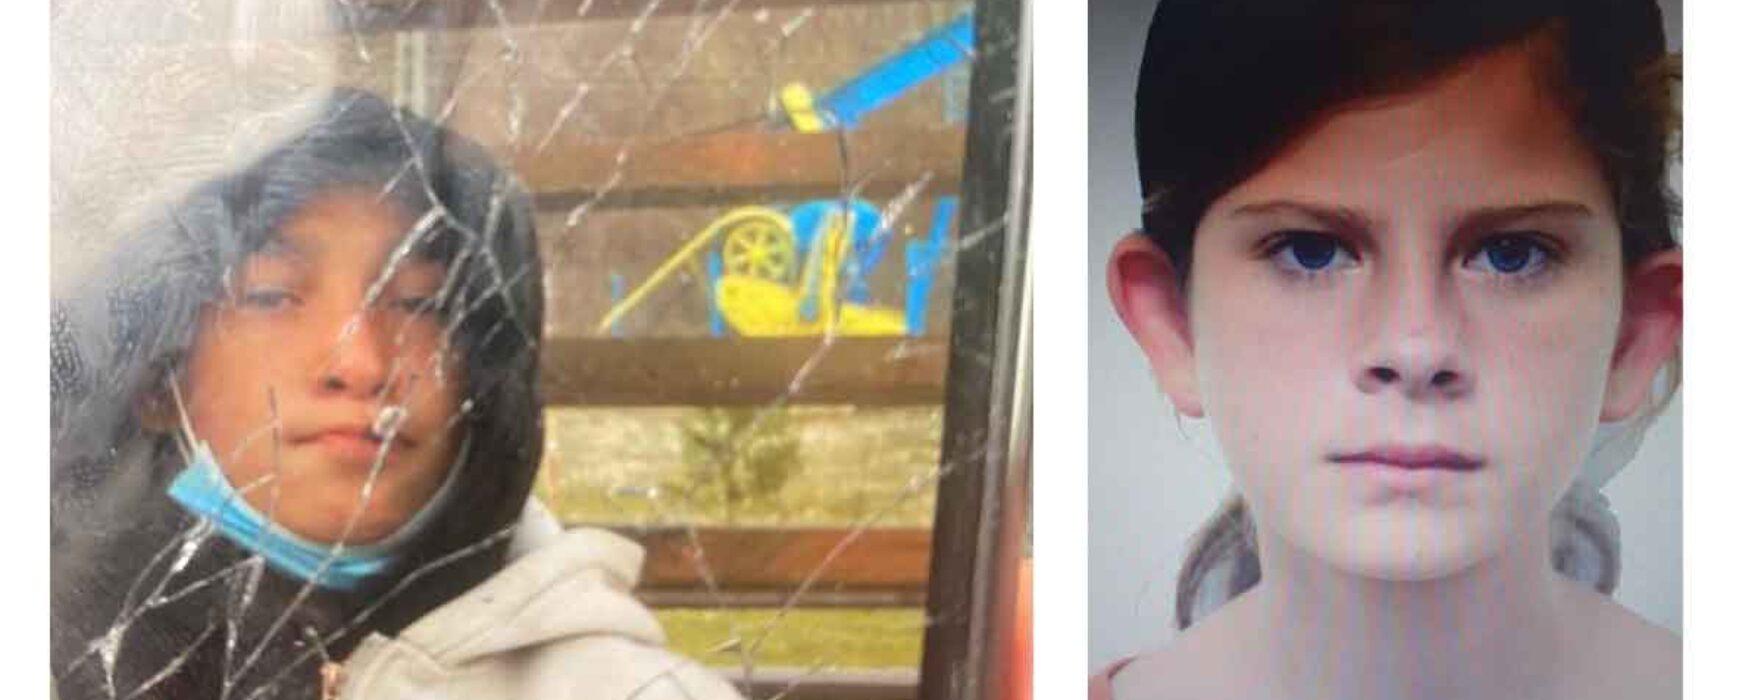 Dâmboviţa: Doi copii de 13 ani, daţi dispăruţi şi căutaţi de poliţişti, jandarmi, pompieri şi voluntari